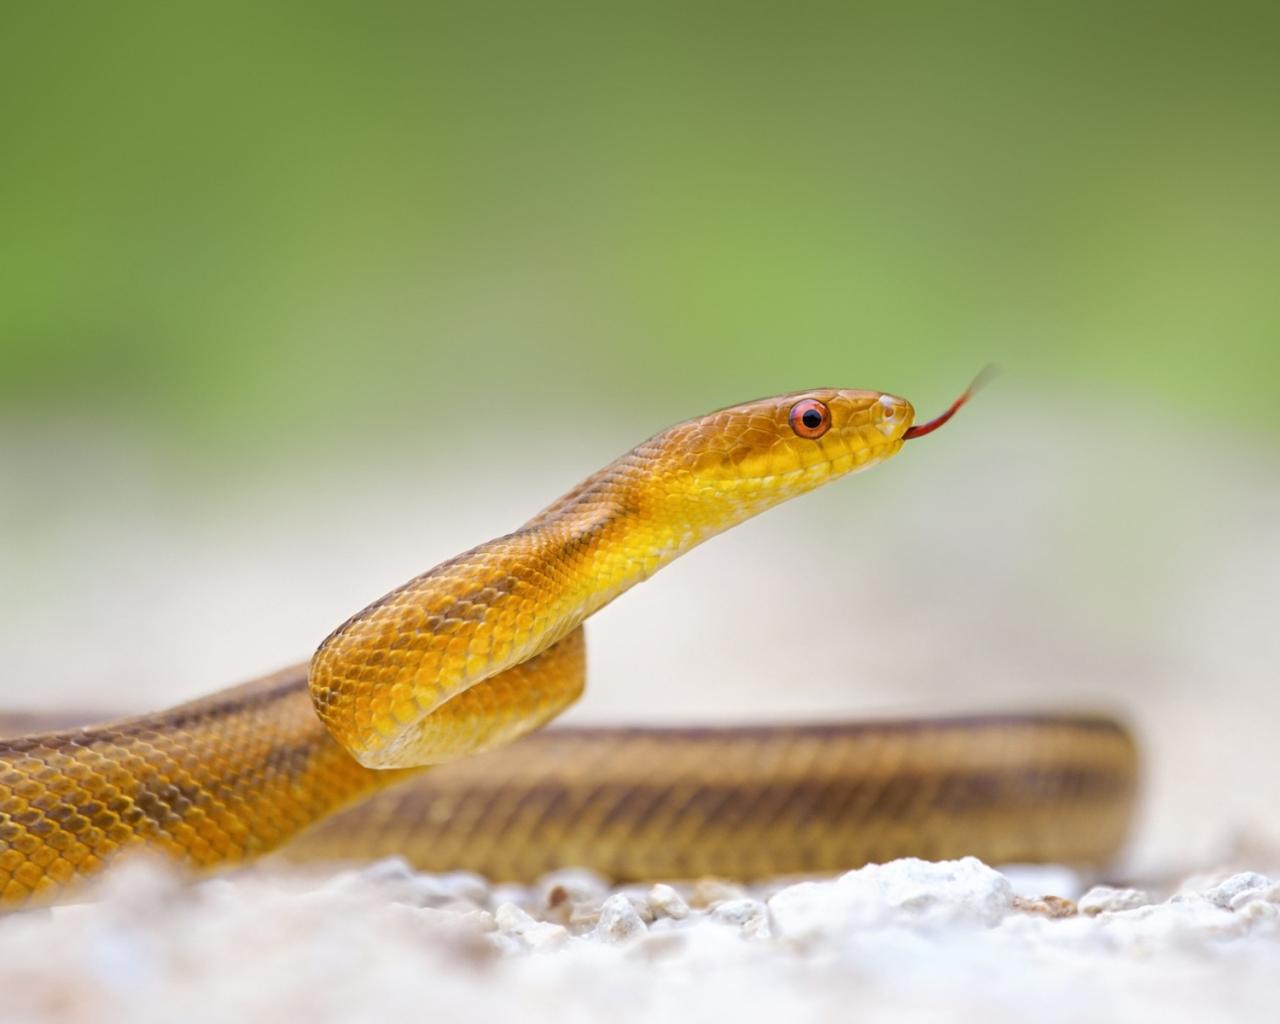 Serpiente amarilla - 1280x1024